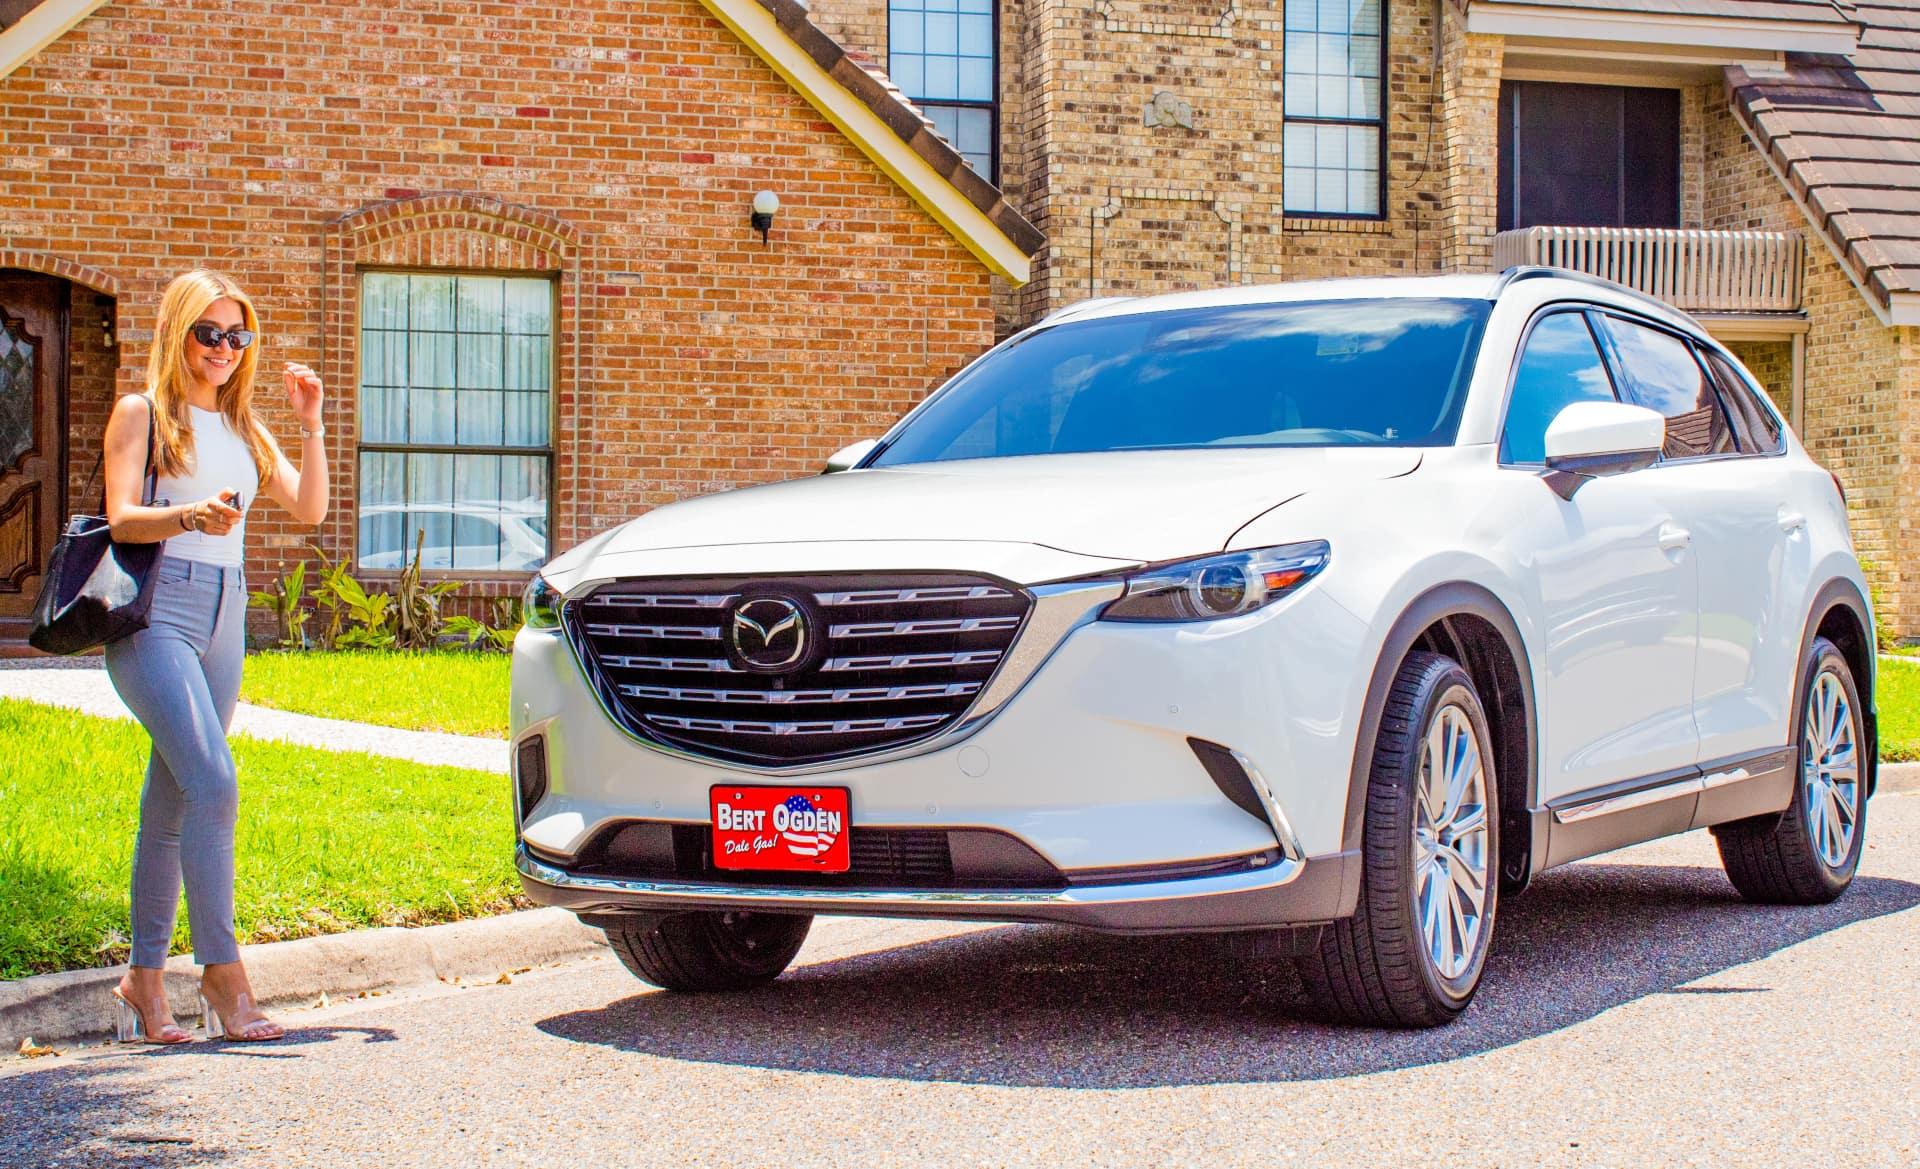 Express Checkout   Bert Ogden Auto Outlet   Mercedes, TX